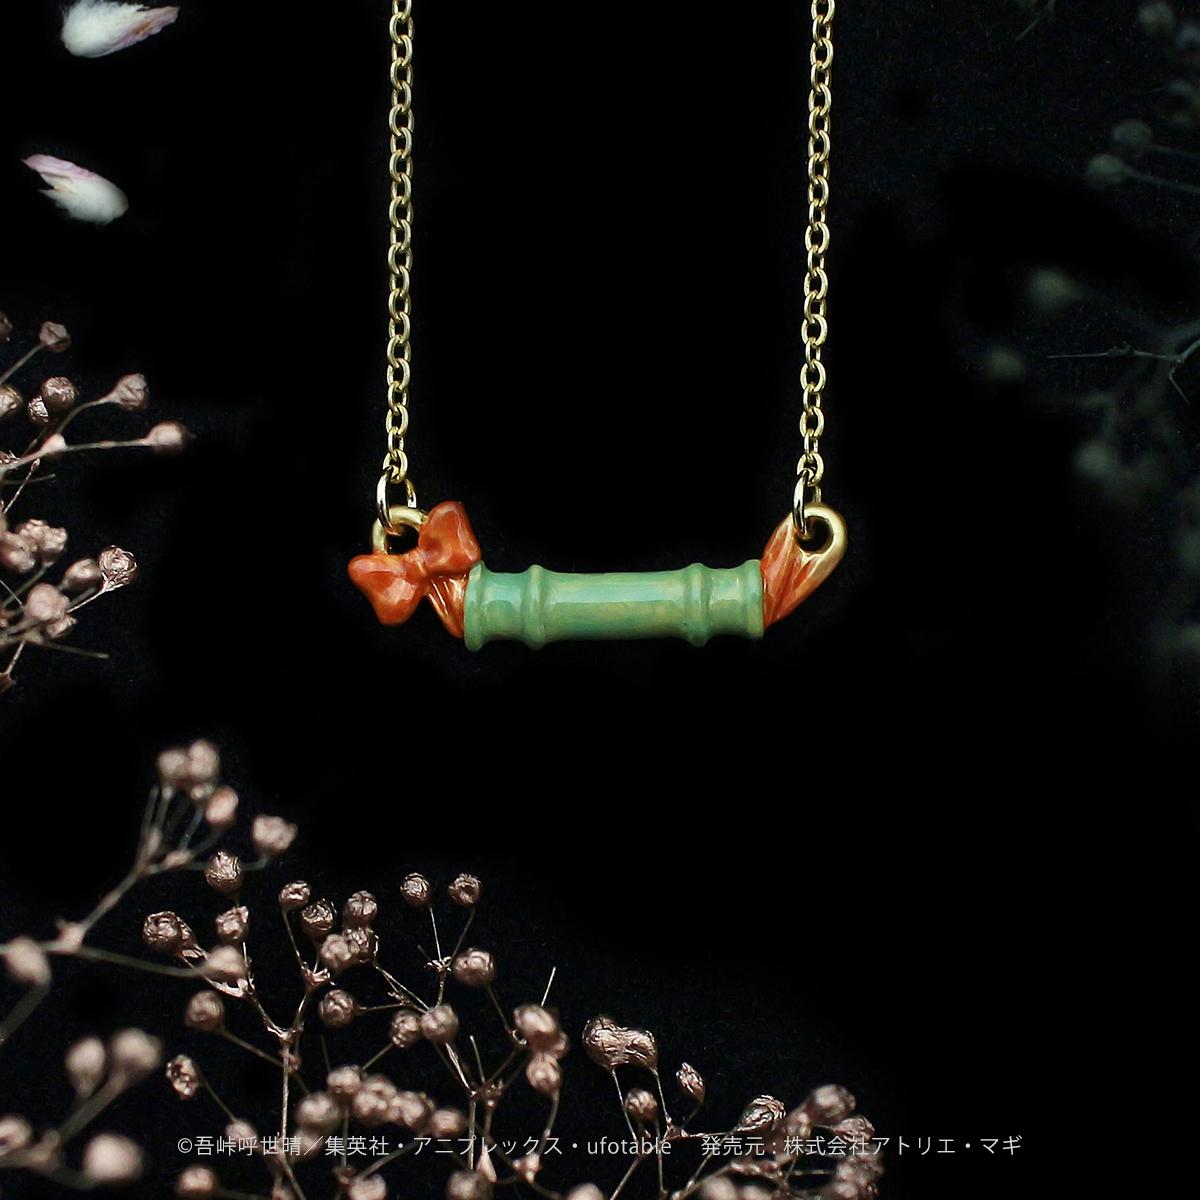 禰豆子の口枷 ネックレス【鬼滅の刃】※「禰」は「ネ」+「爾」が正しい表記となります。